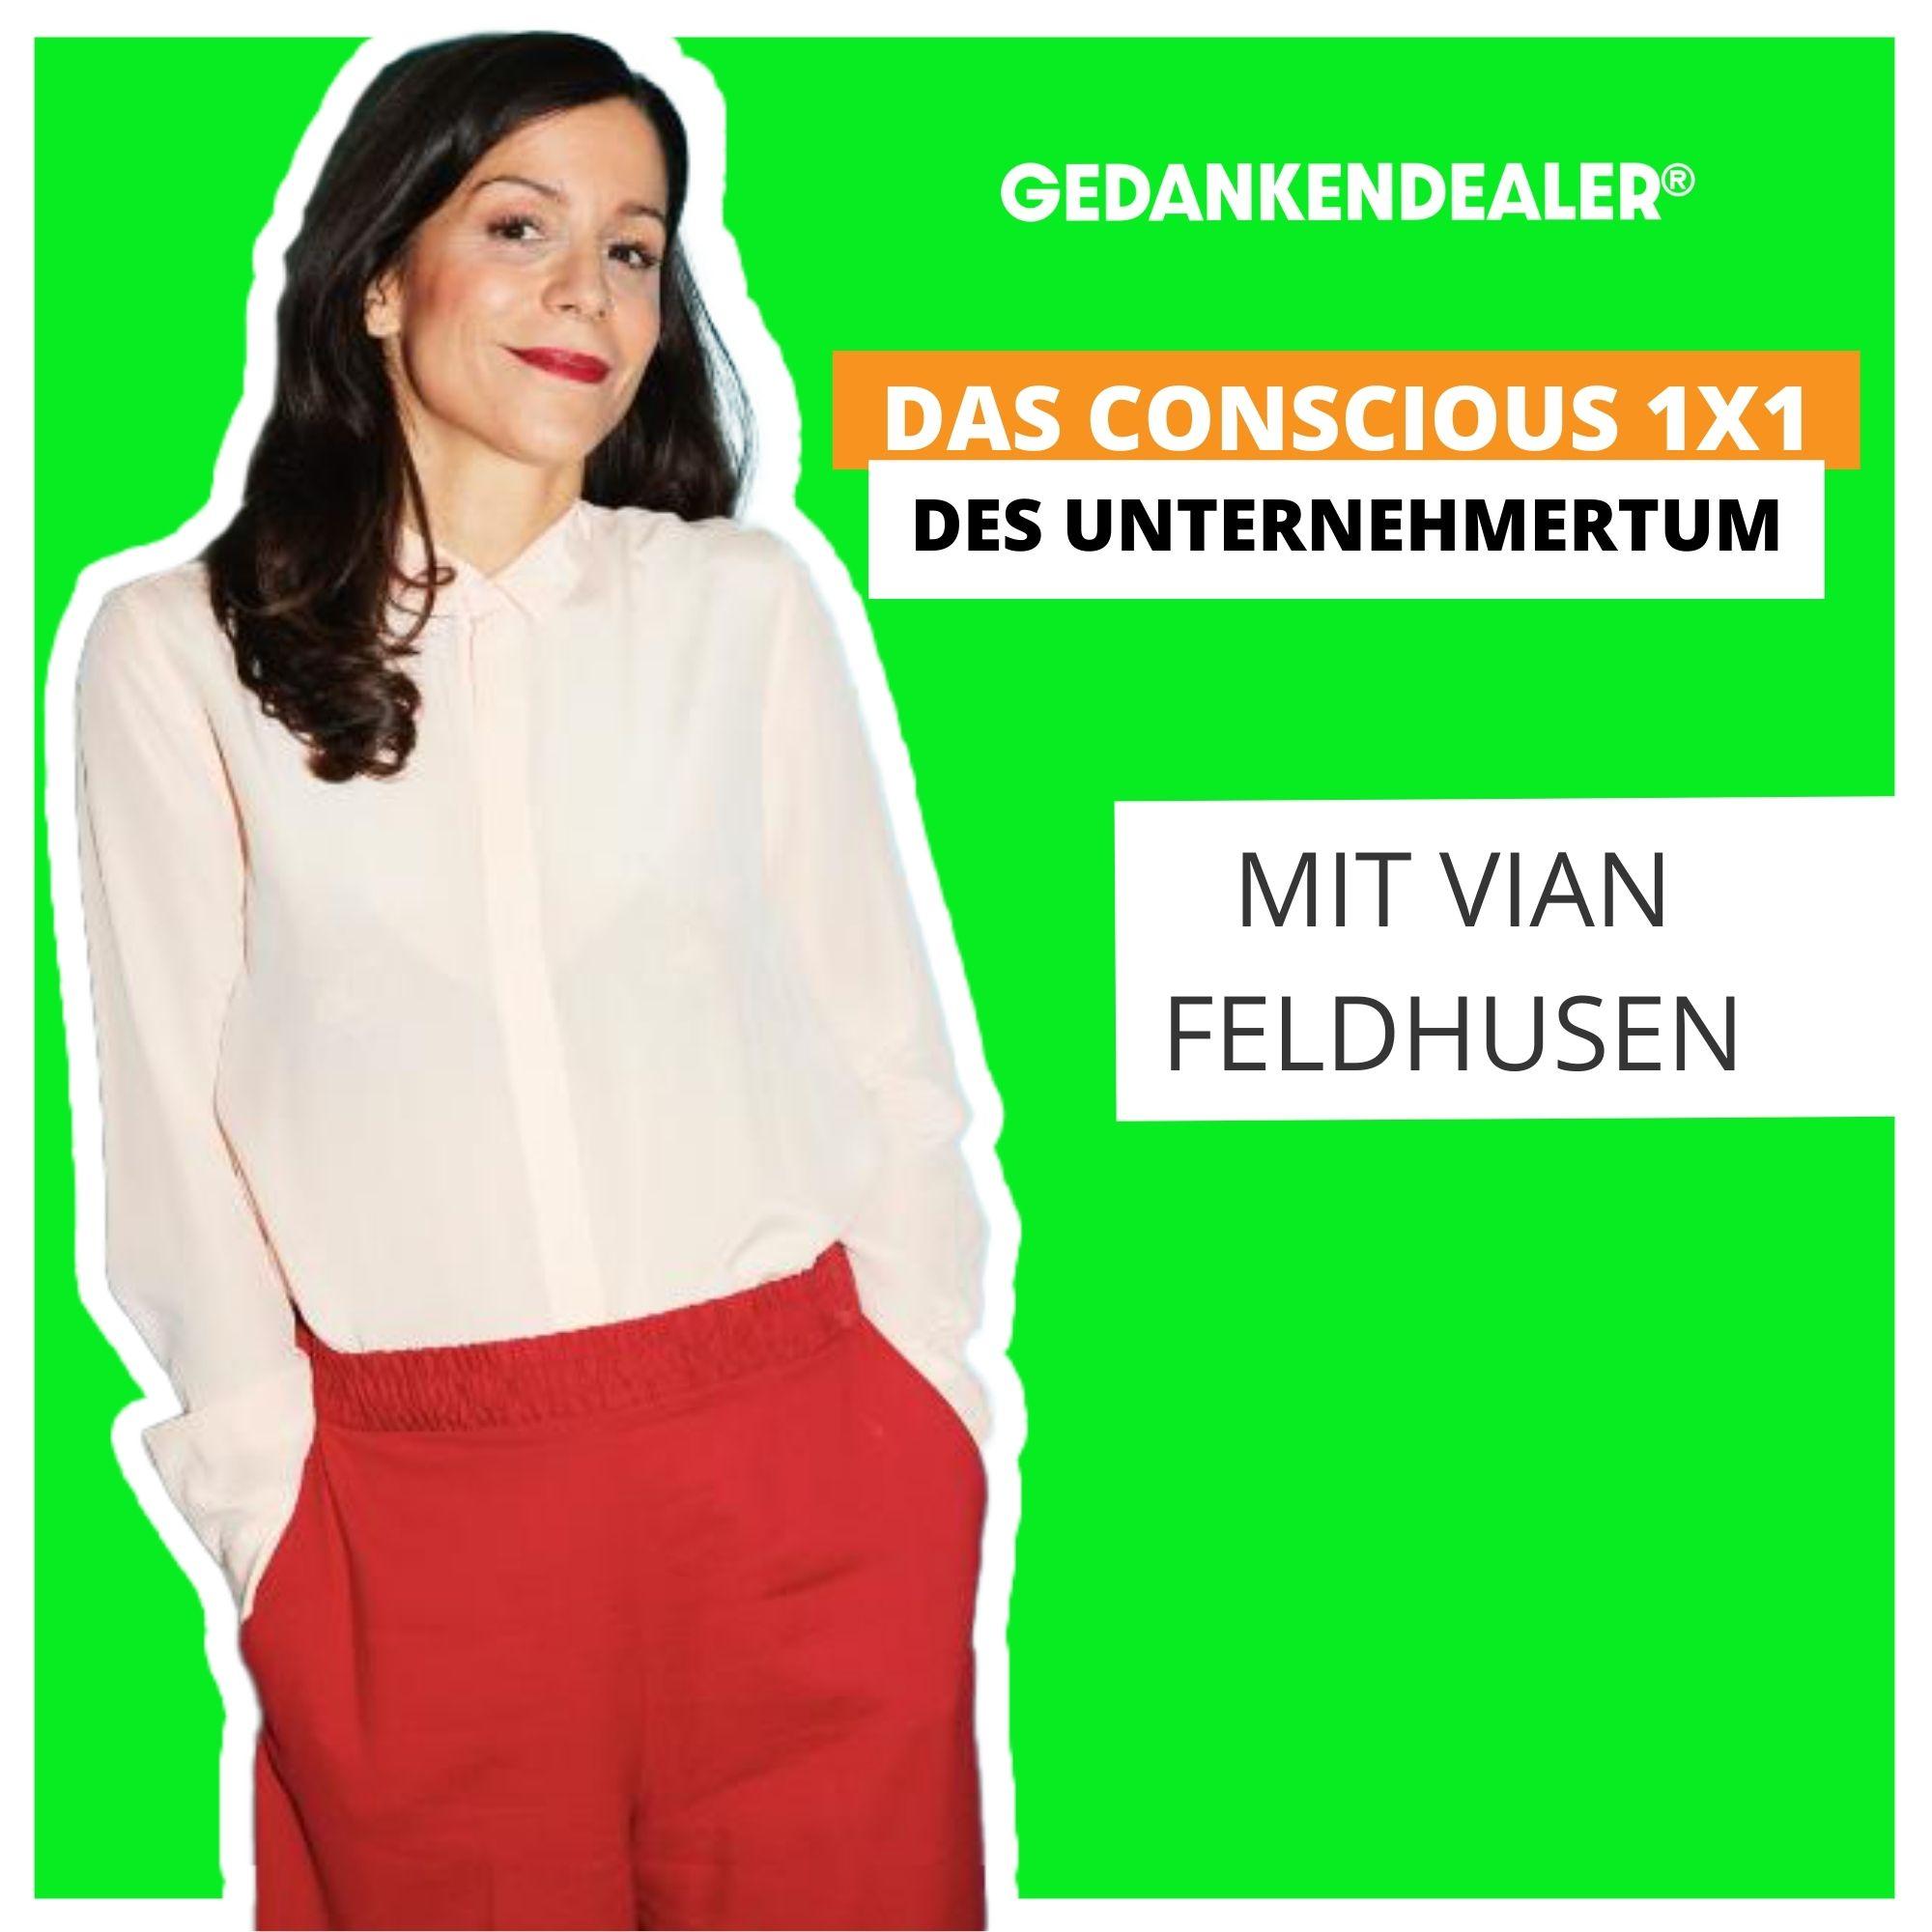 Das conscious 1x1 des Unternehmertum - im Talk mit Vian Feldhusen